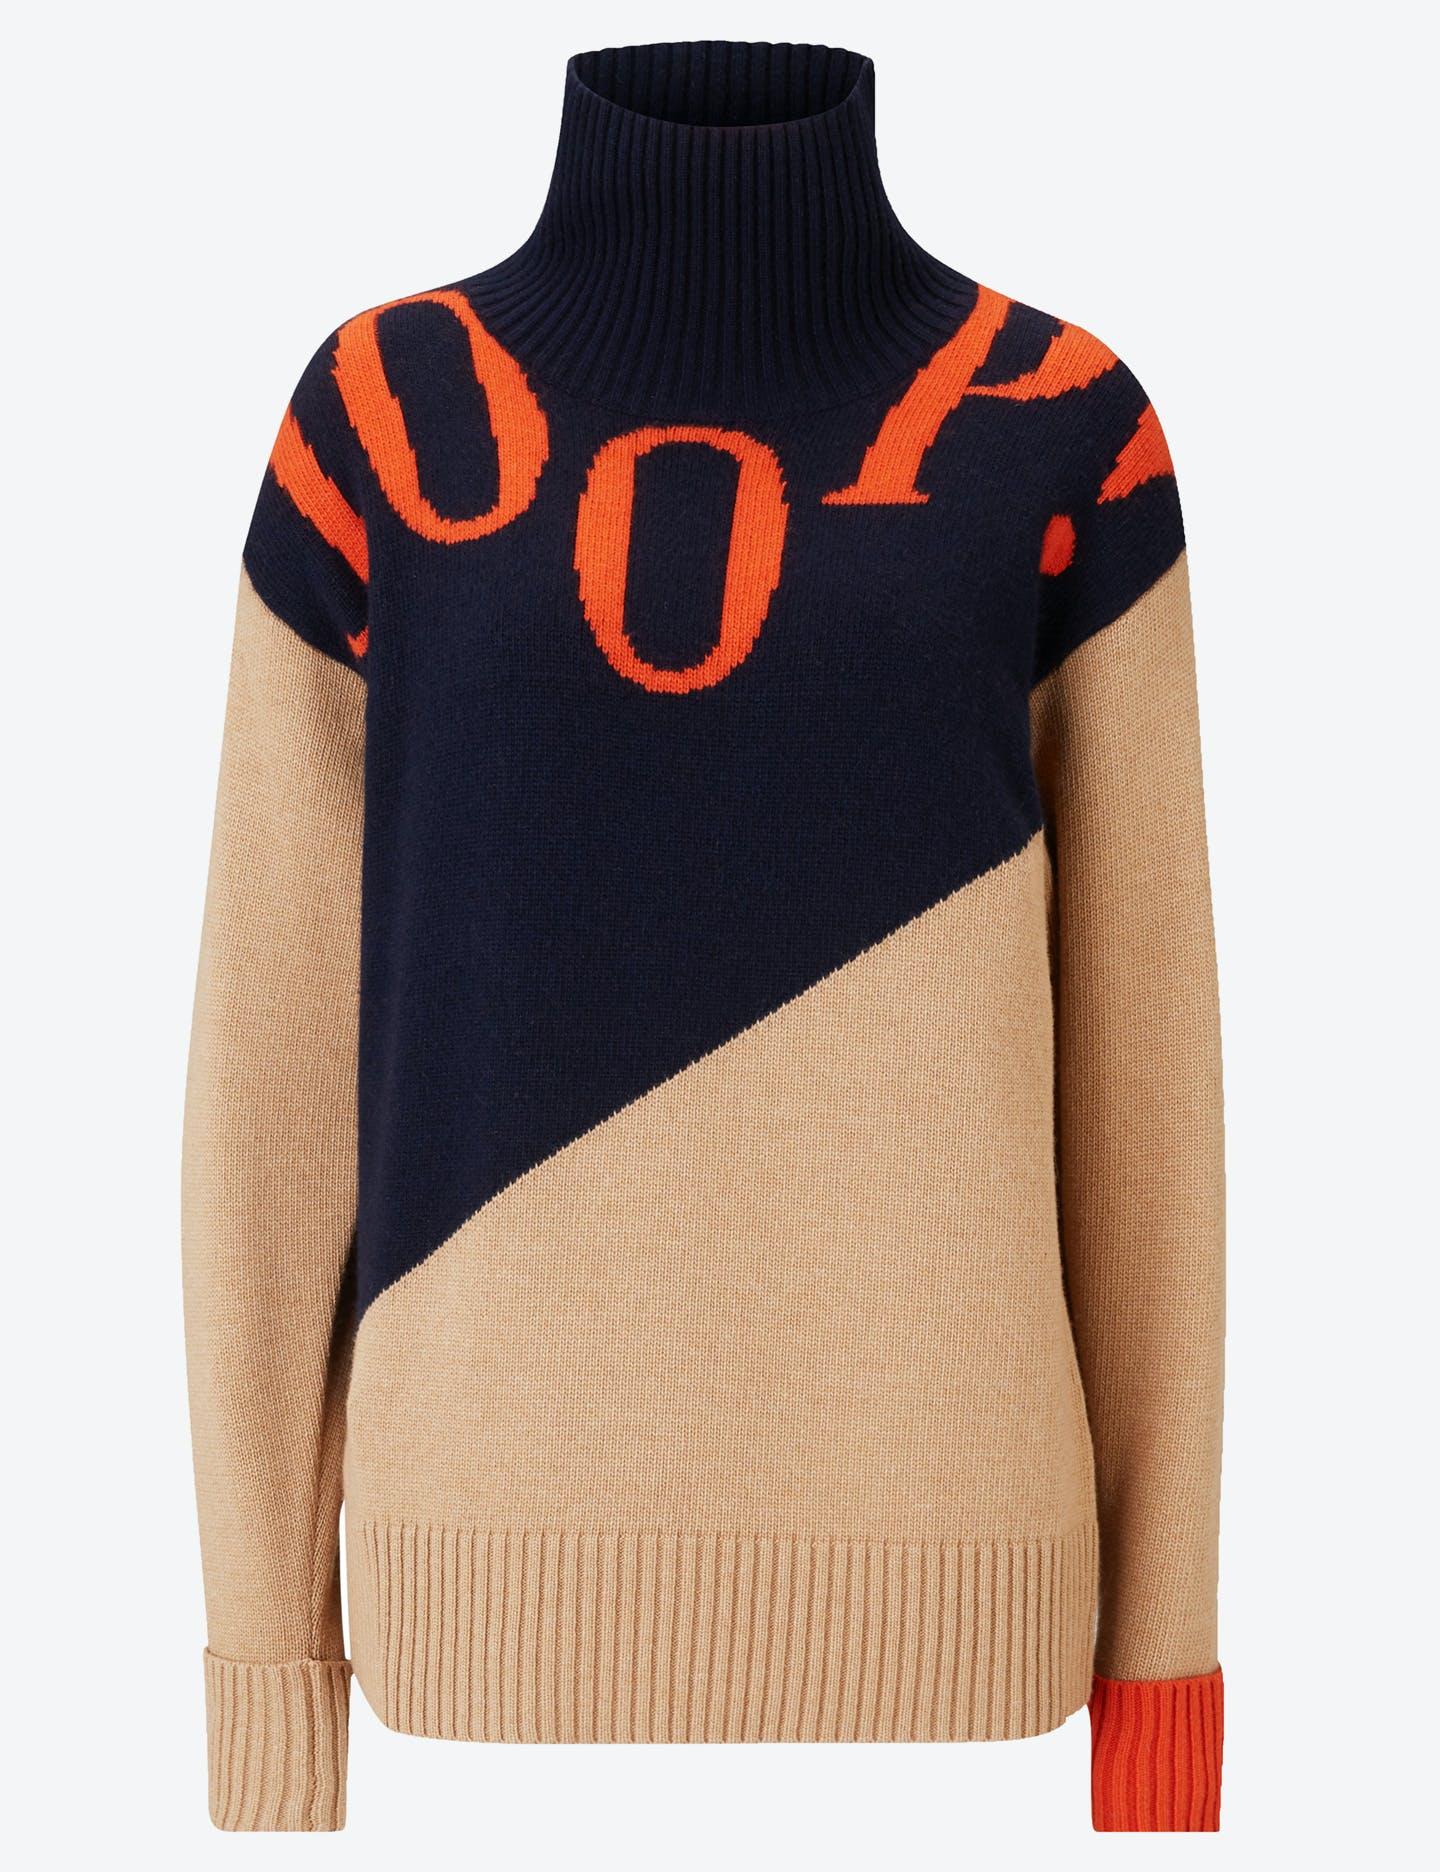 Pullover Kult in Beige/Blau/Orange